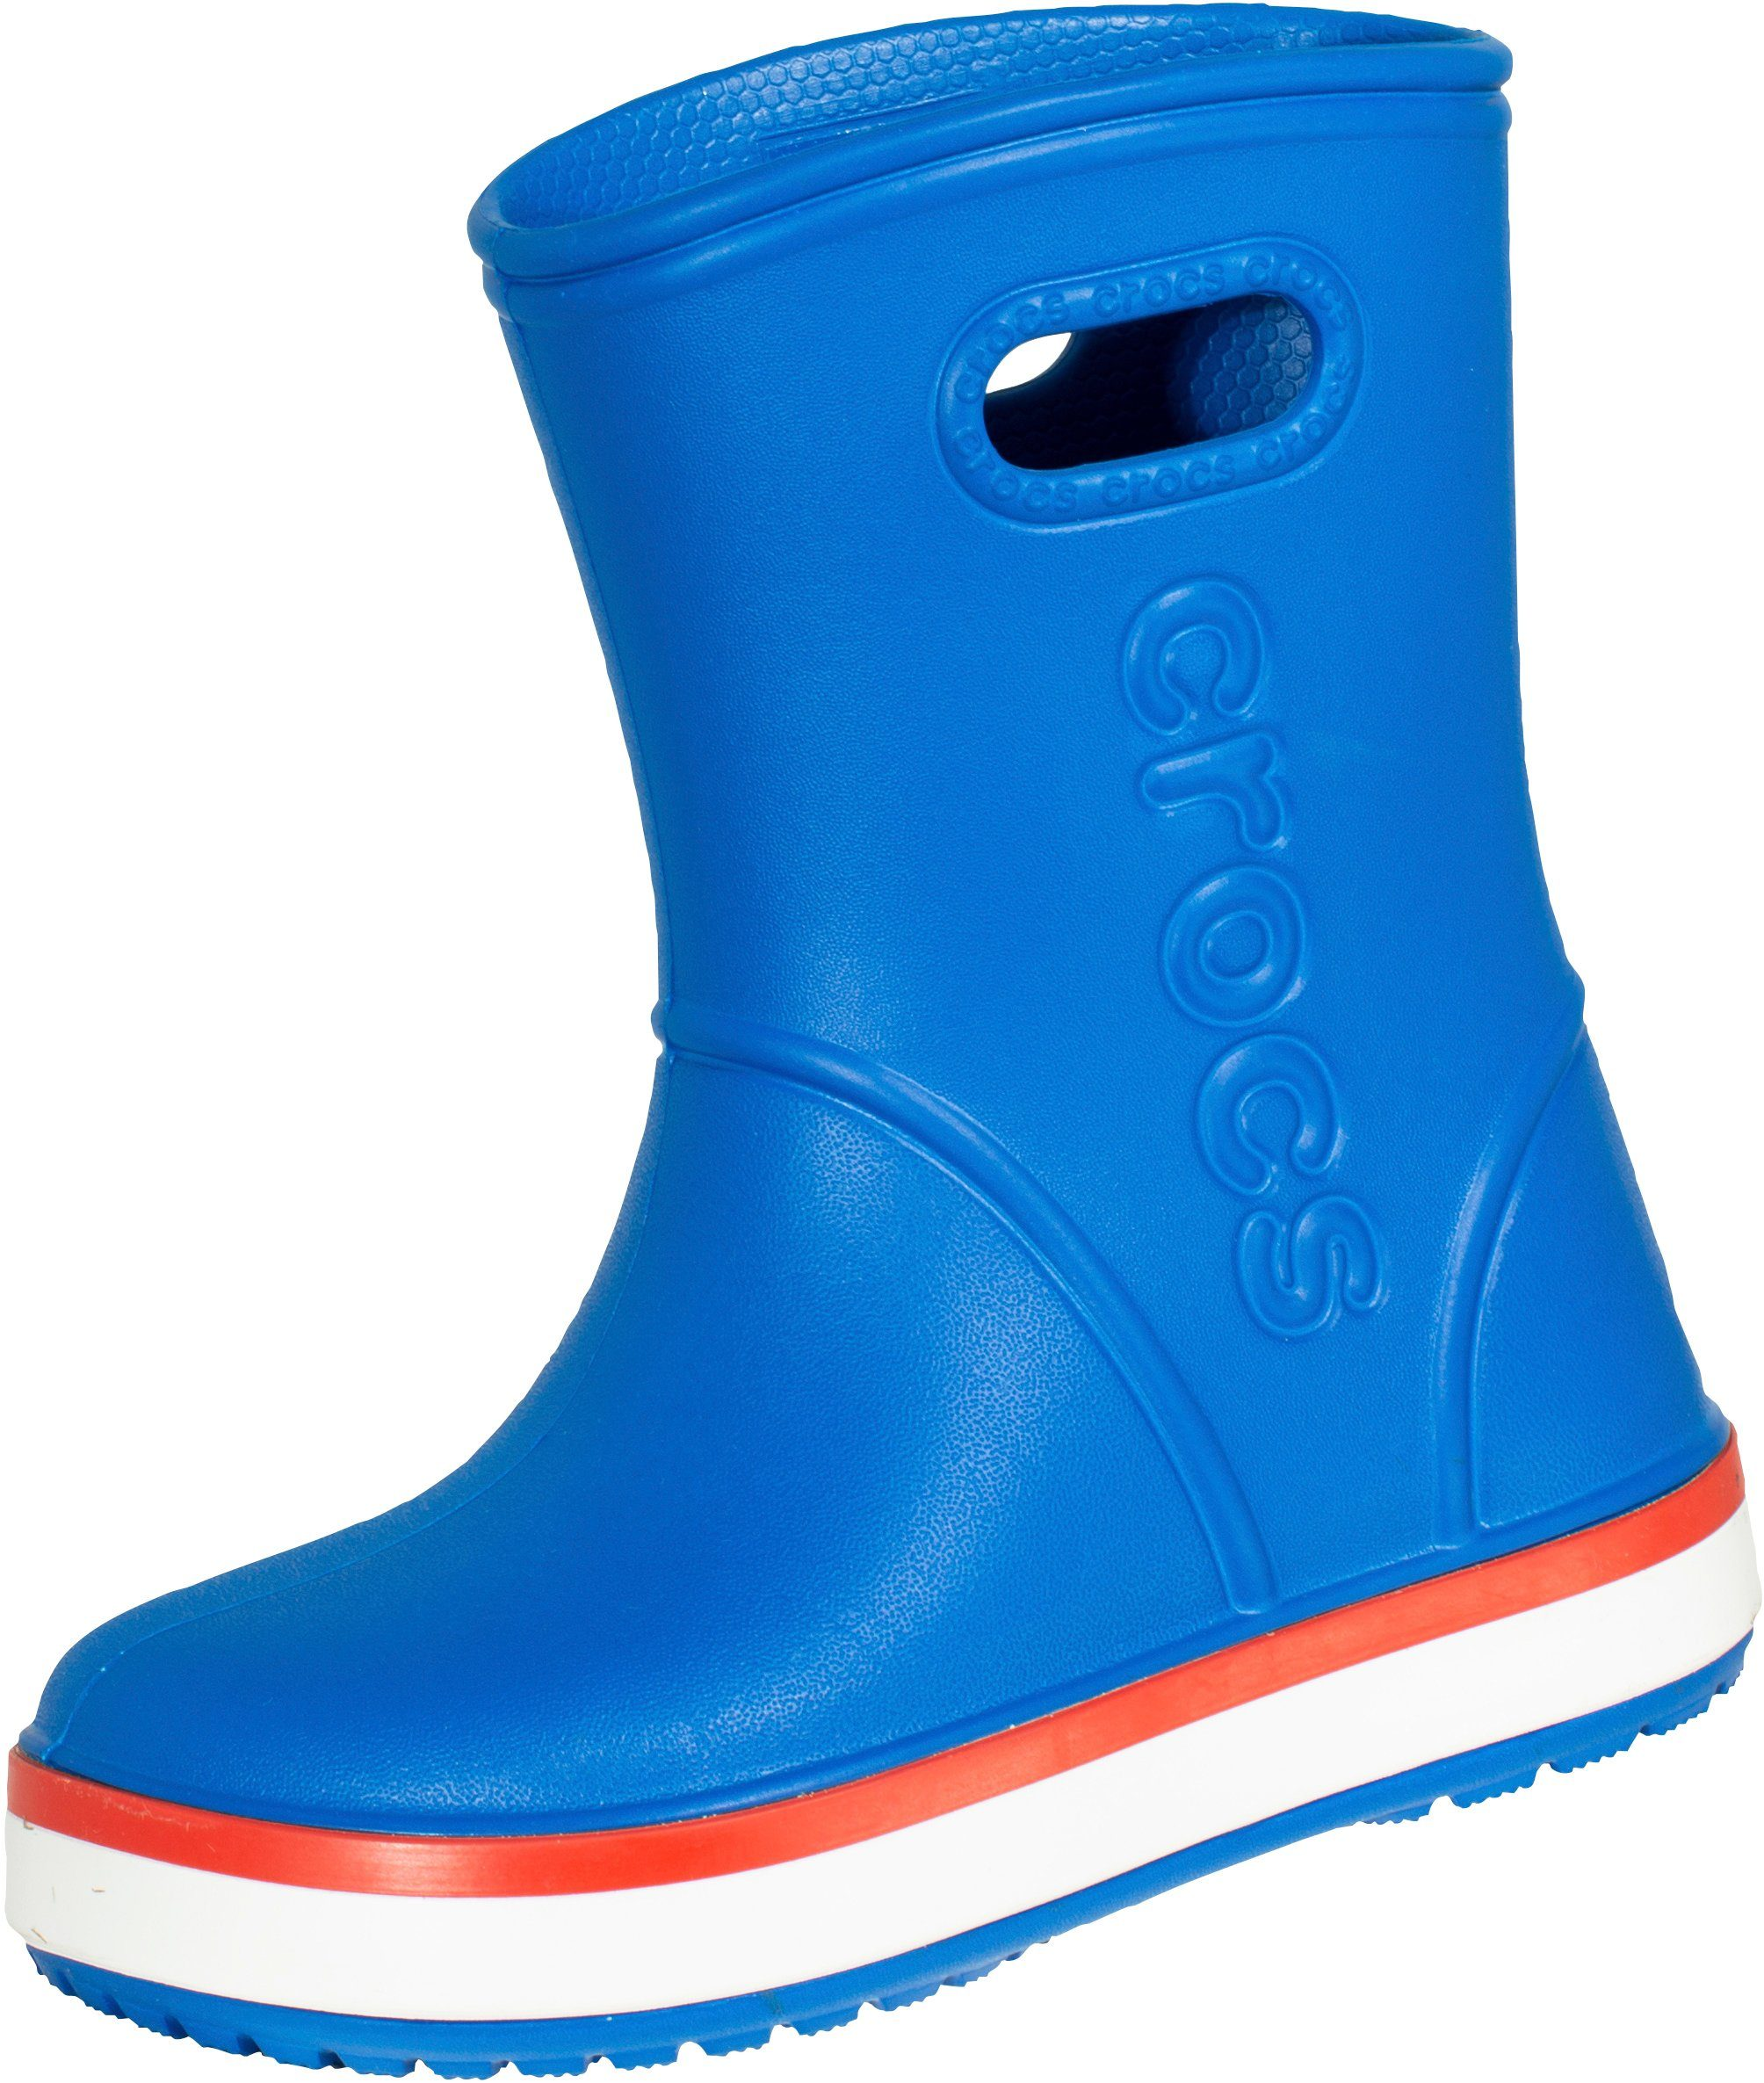 Crocs Gummistiefel »Crocsband Rain Boot Kids blau«, reflektierend online kaufen | OTTO